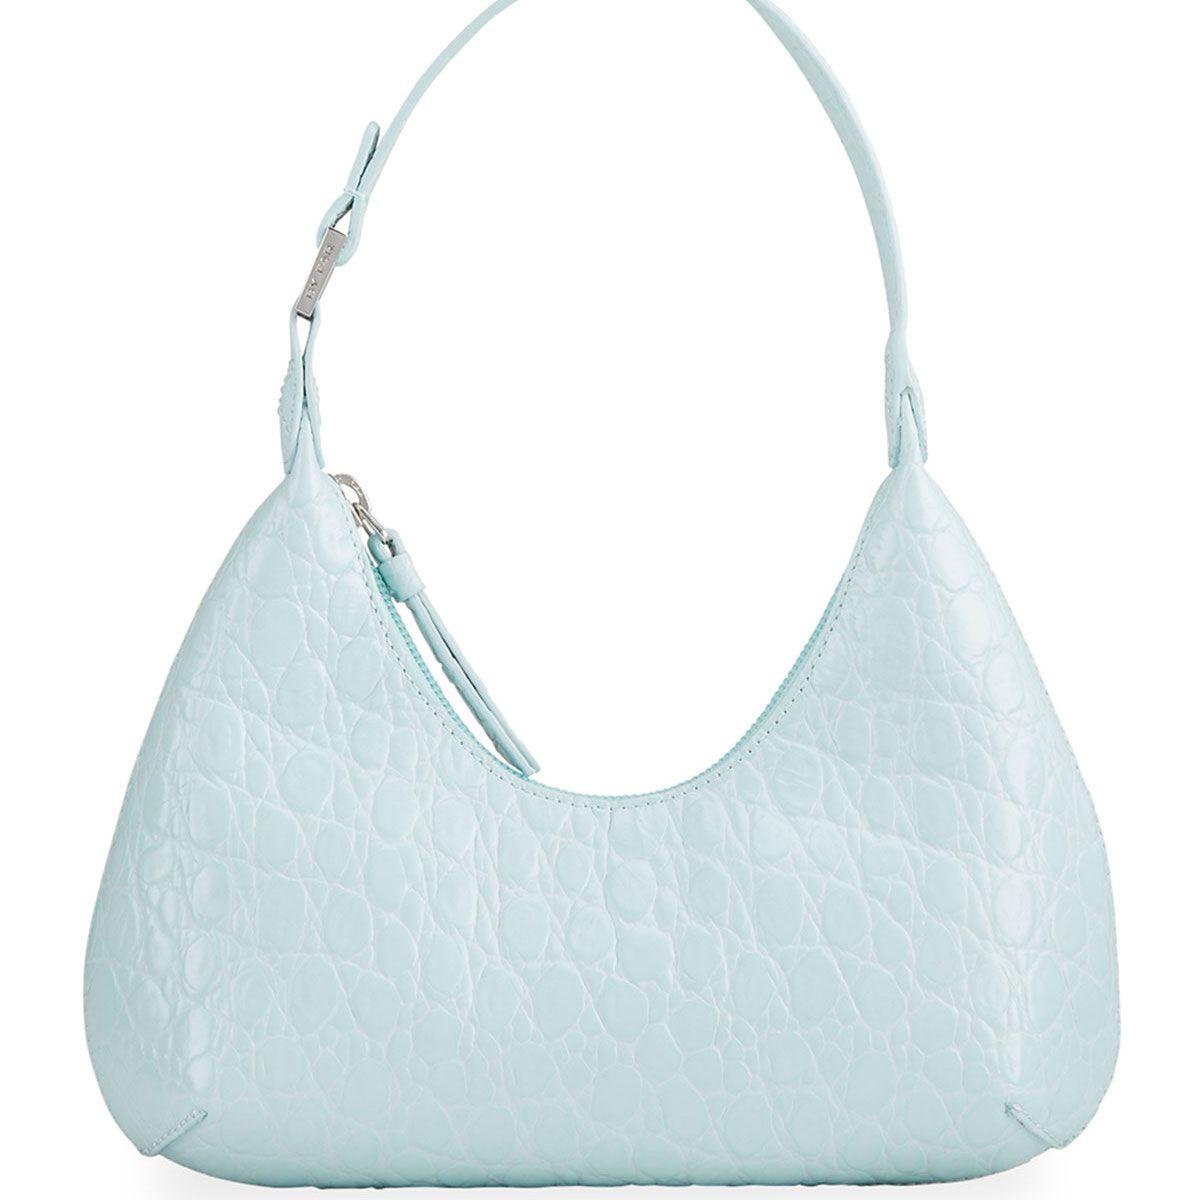 Byfar Baby Amber Moc-Croc Shoulder Bag